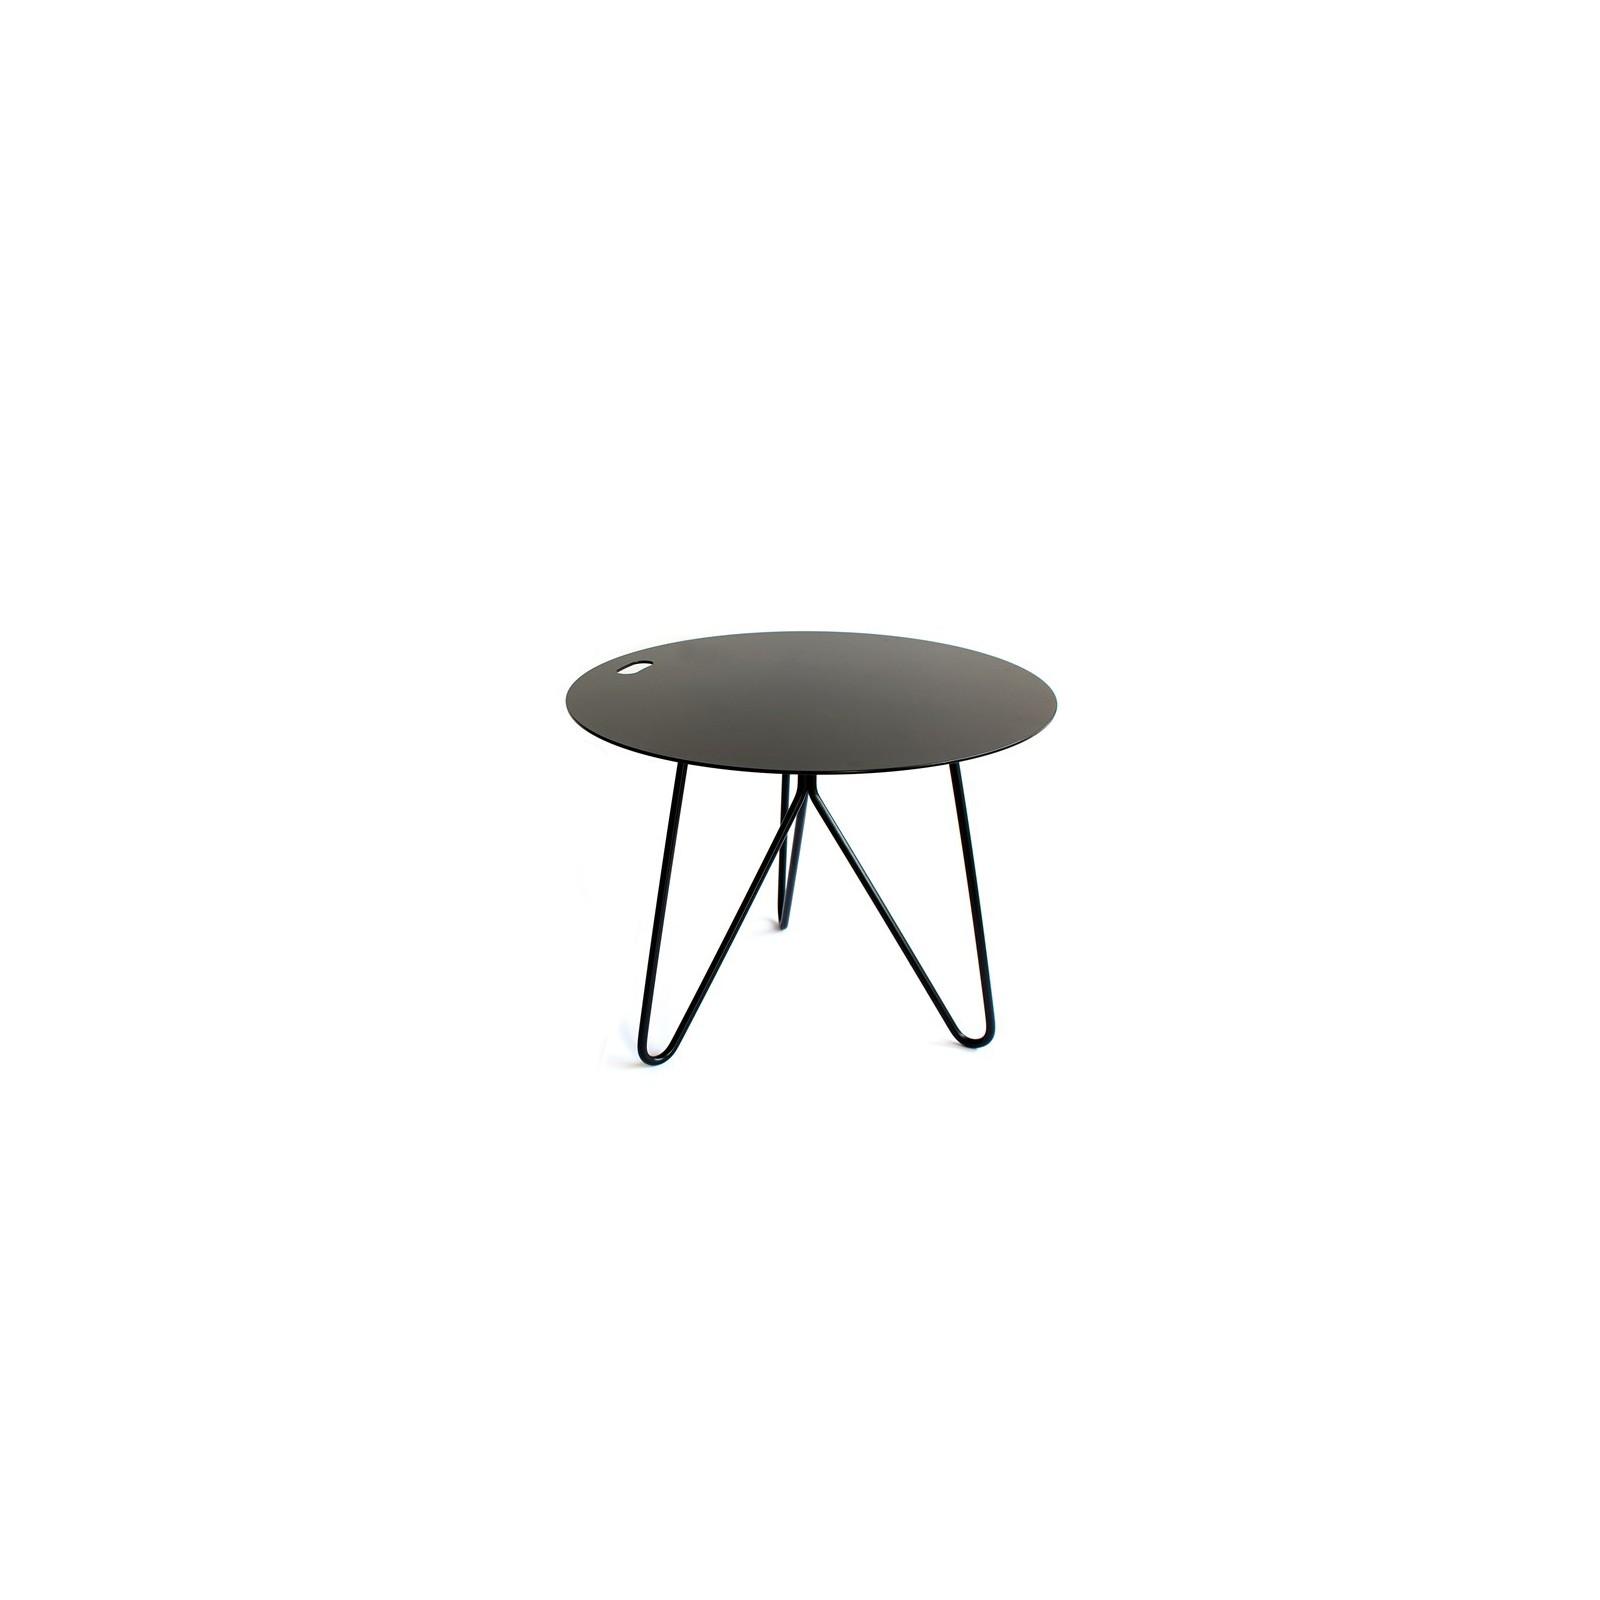 Table d 39 appoint seis noire arne concept - Table d appoint noire ...